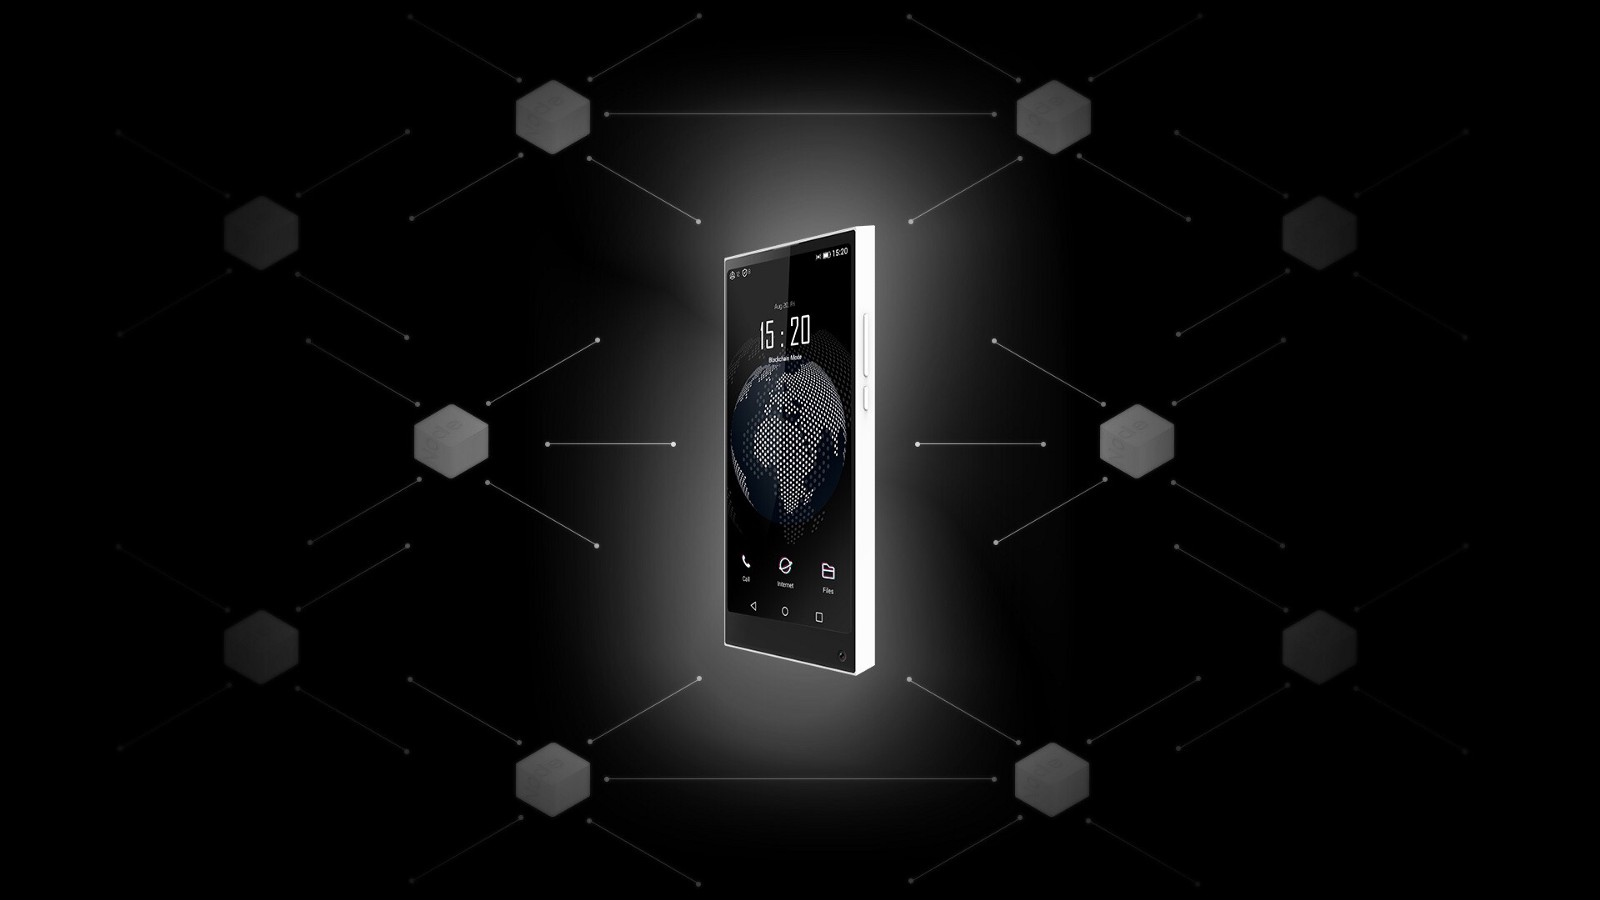 Pundi X präsentiert sein XPhone basierend auf Blockchain-Technologie ...